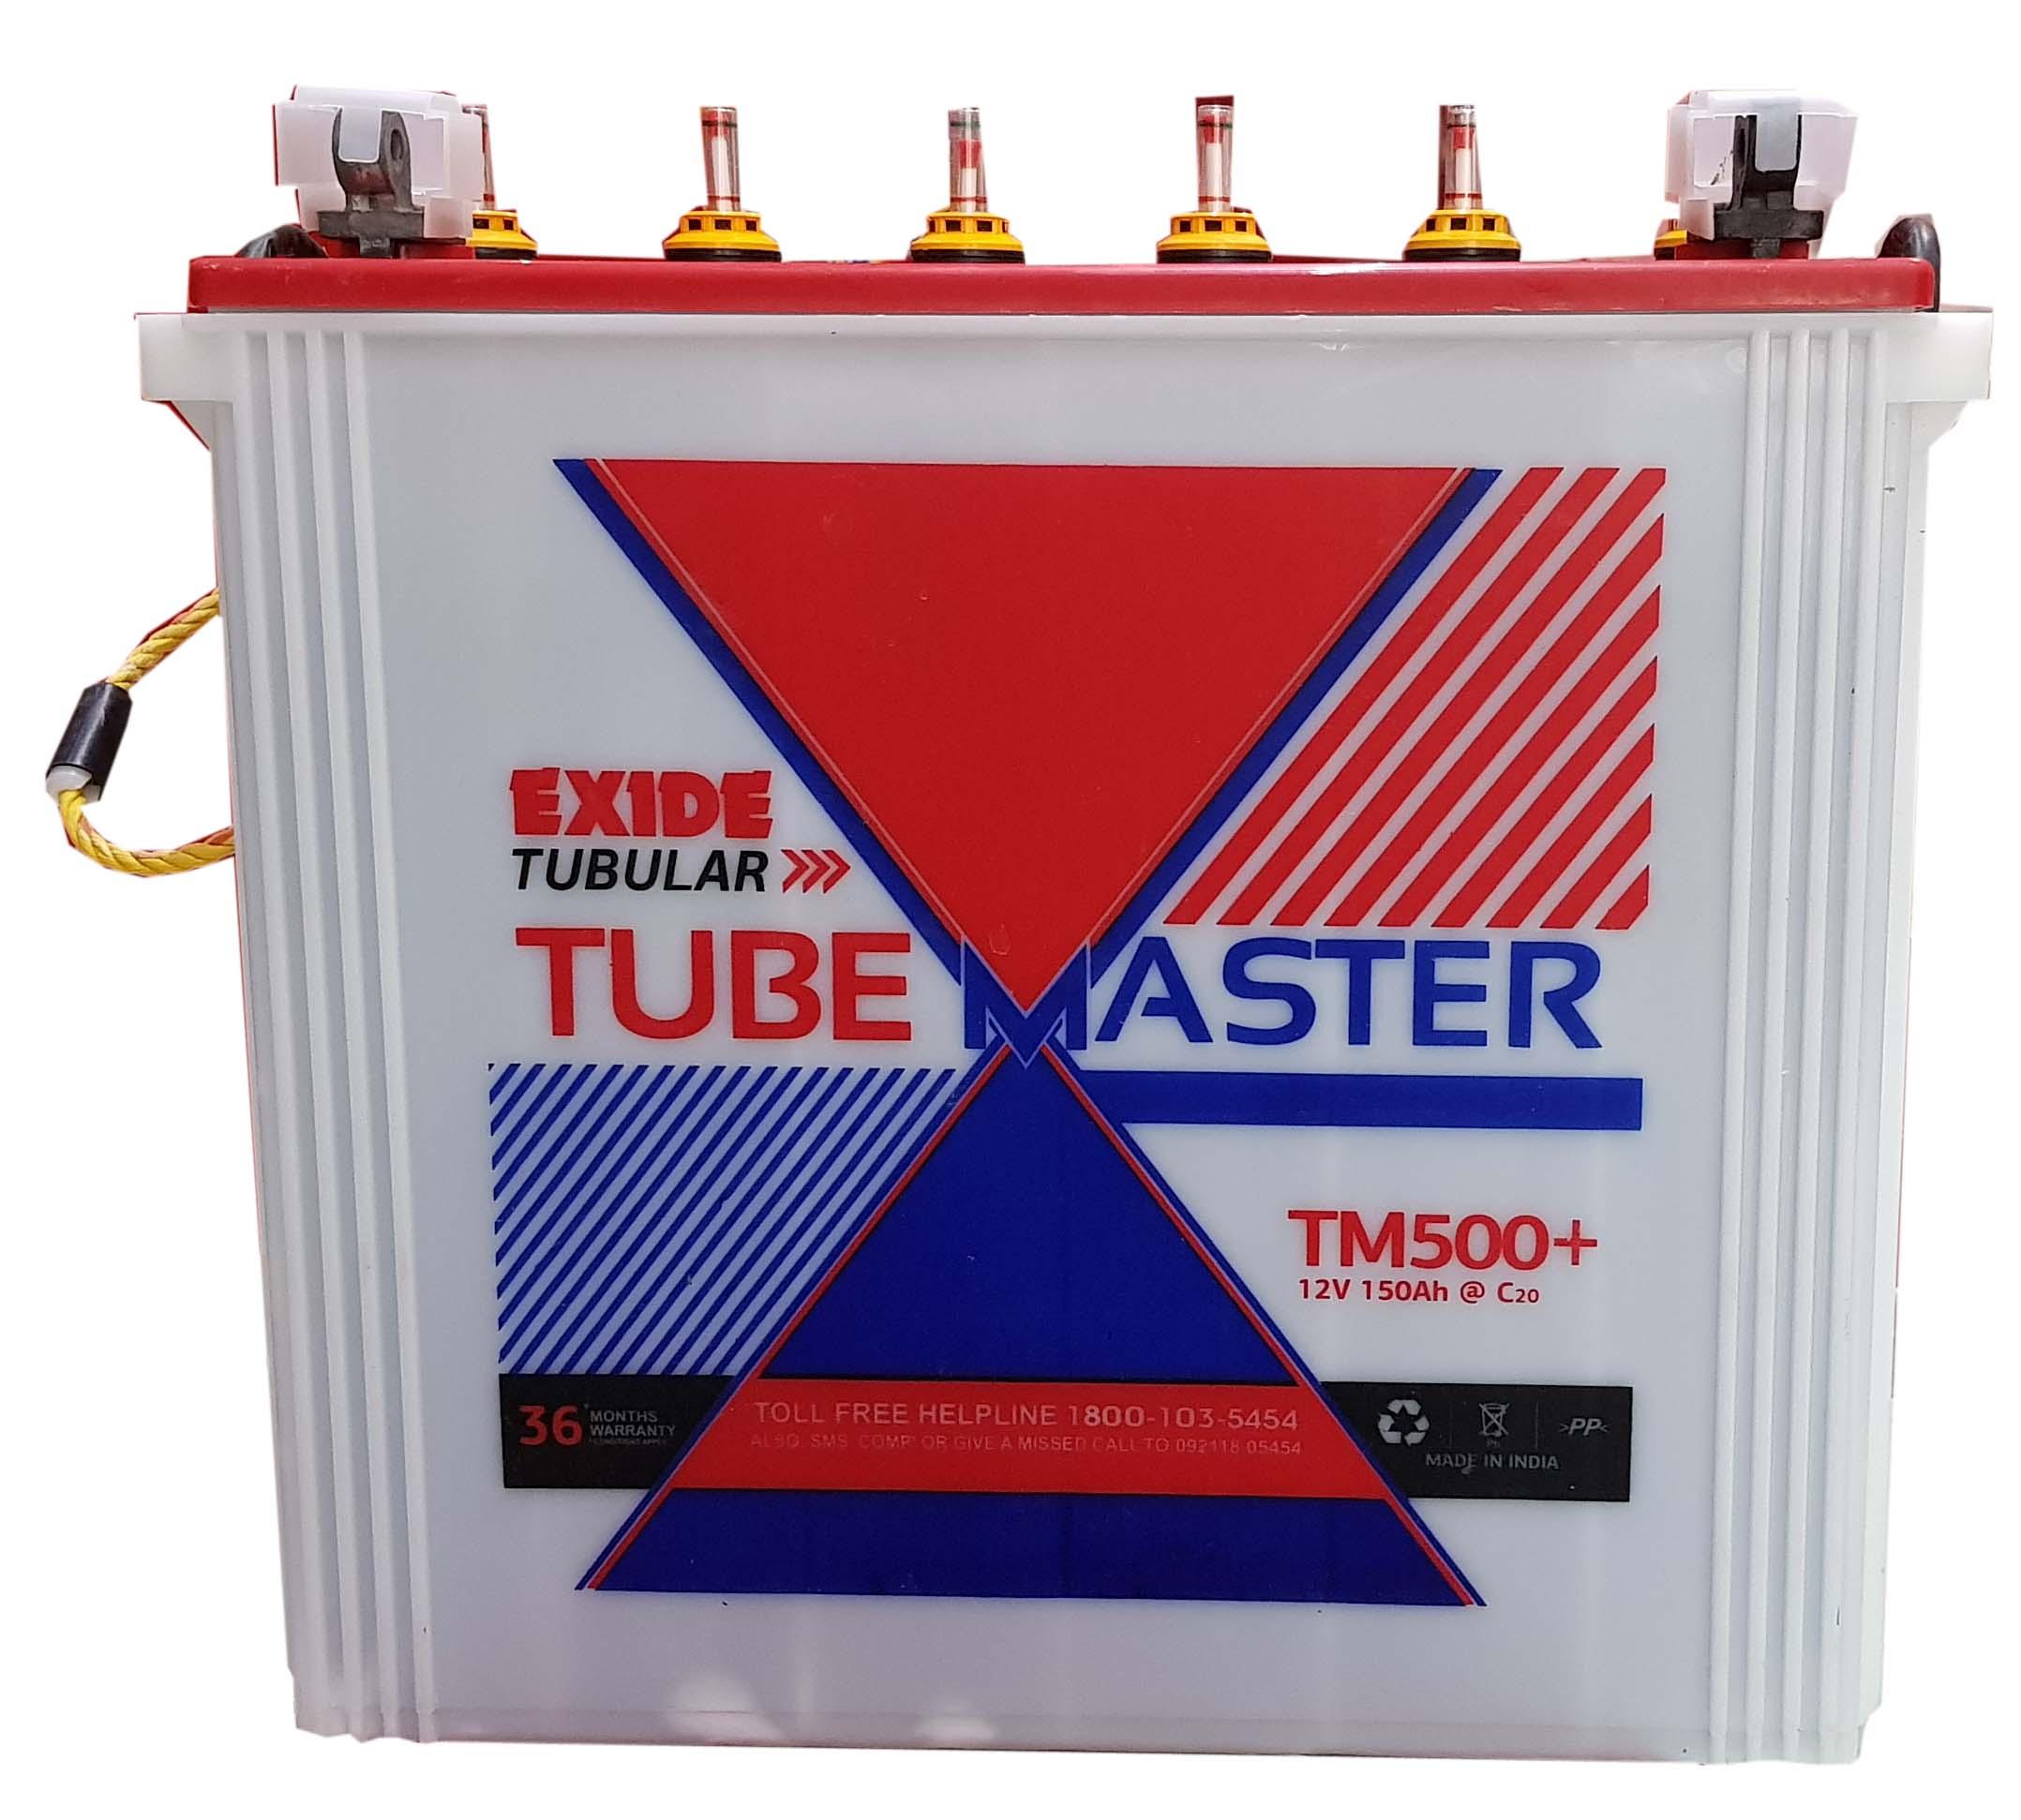 Exide 150 ah Tubular Tubemaster Tall Tubular inverter battery